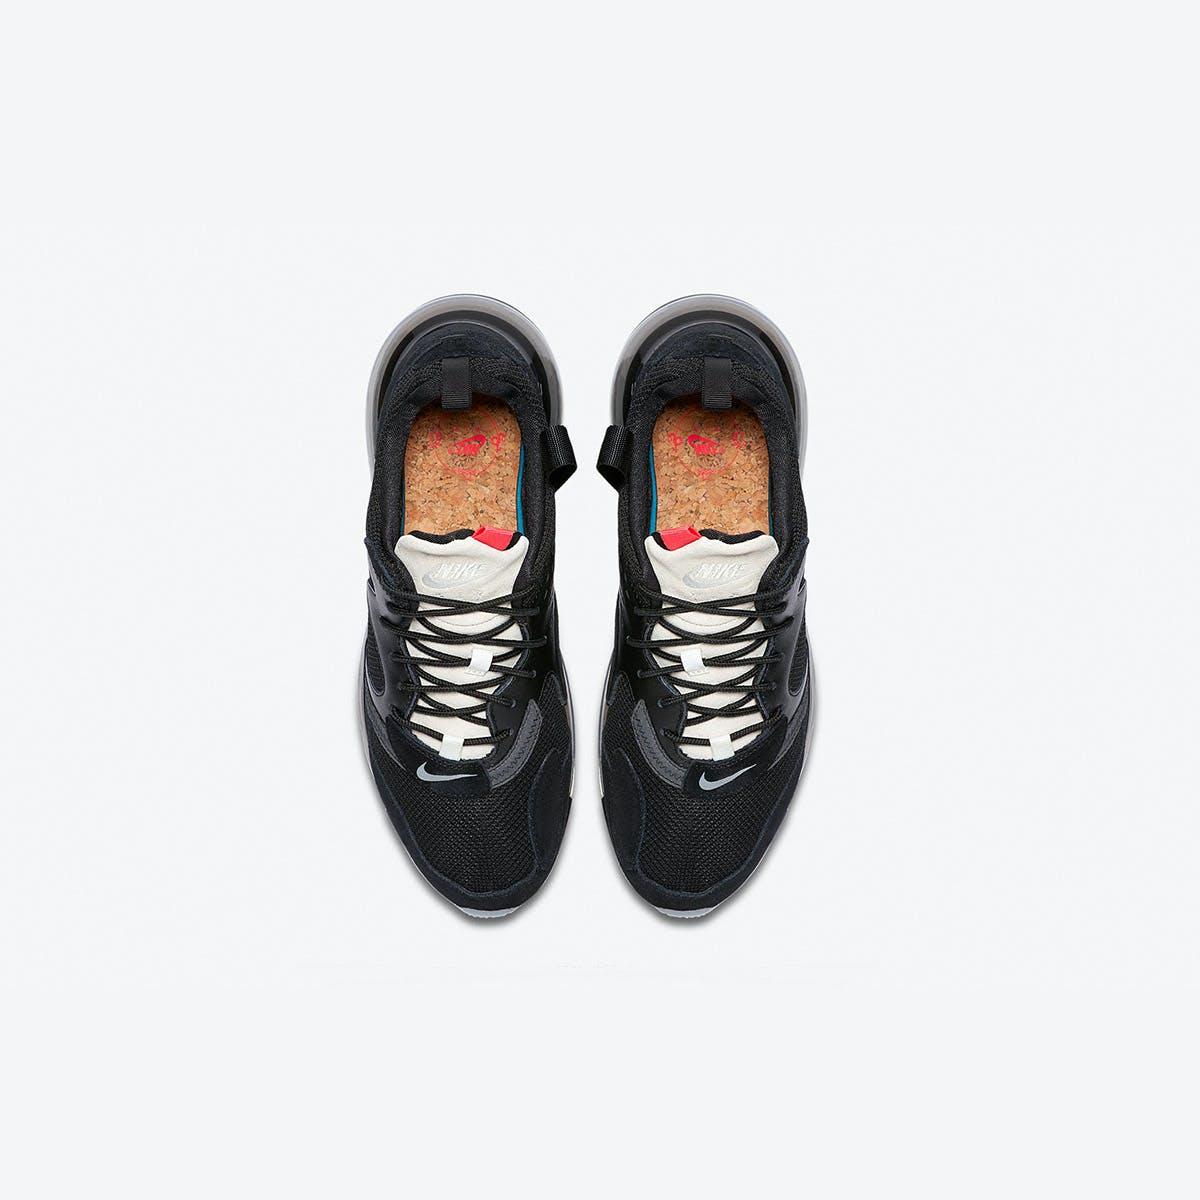 Nike x Odell Beckham Jr Air Max 720 - CK2531-002